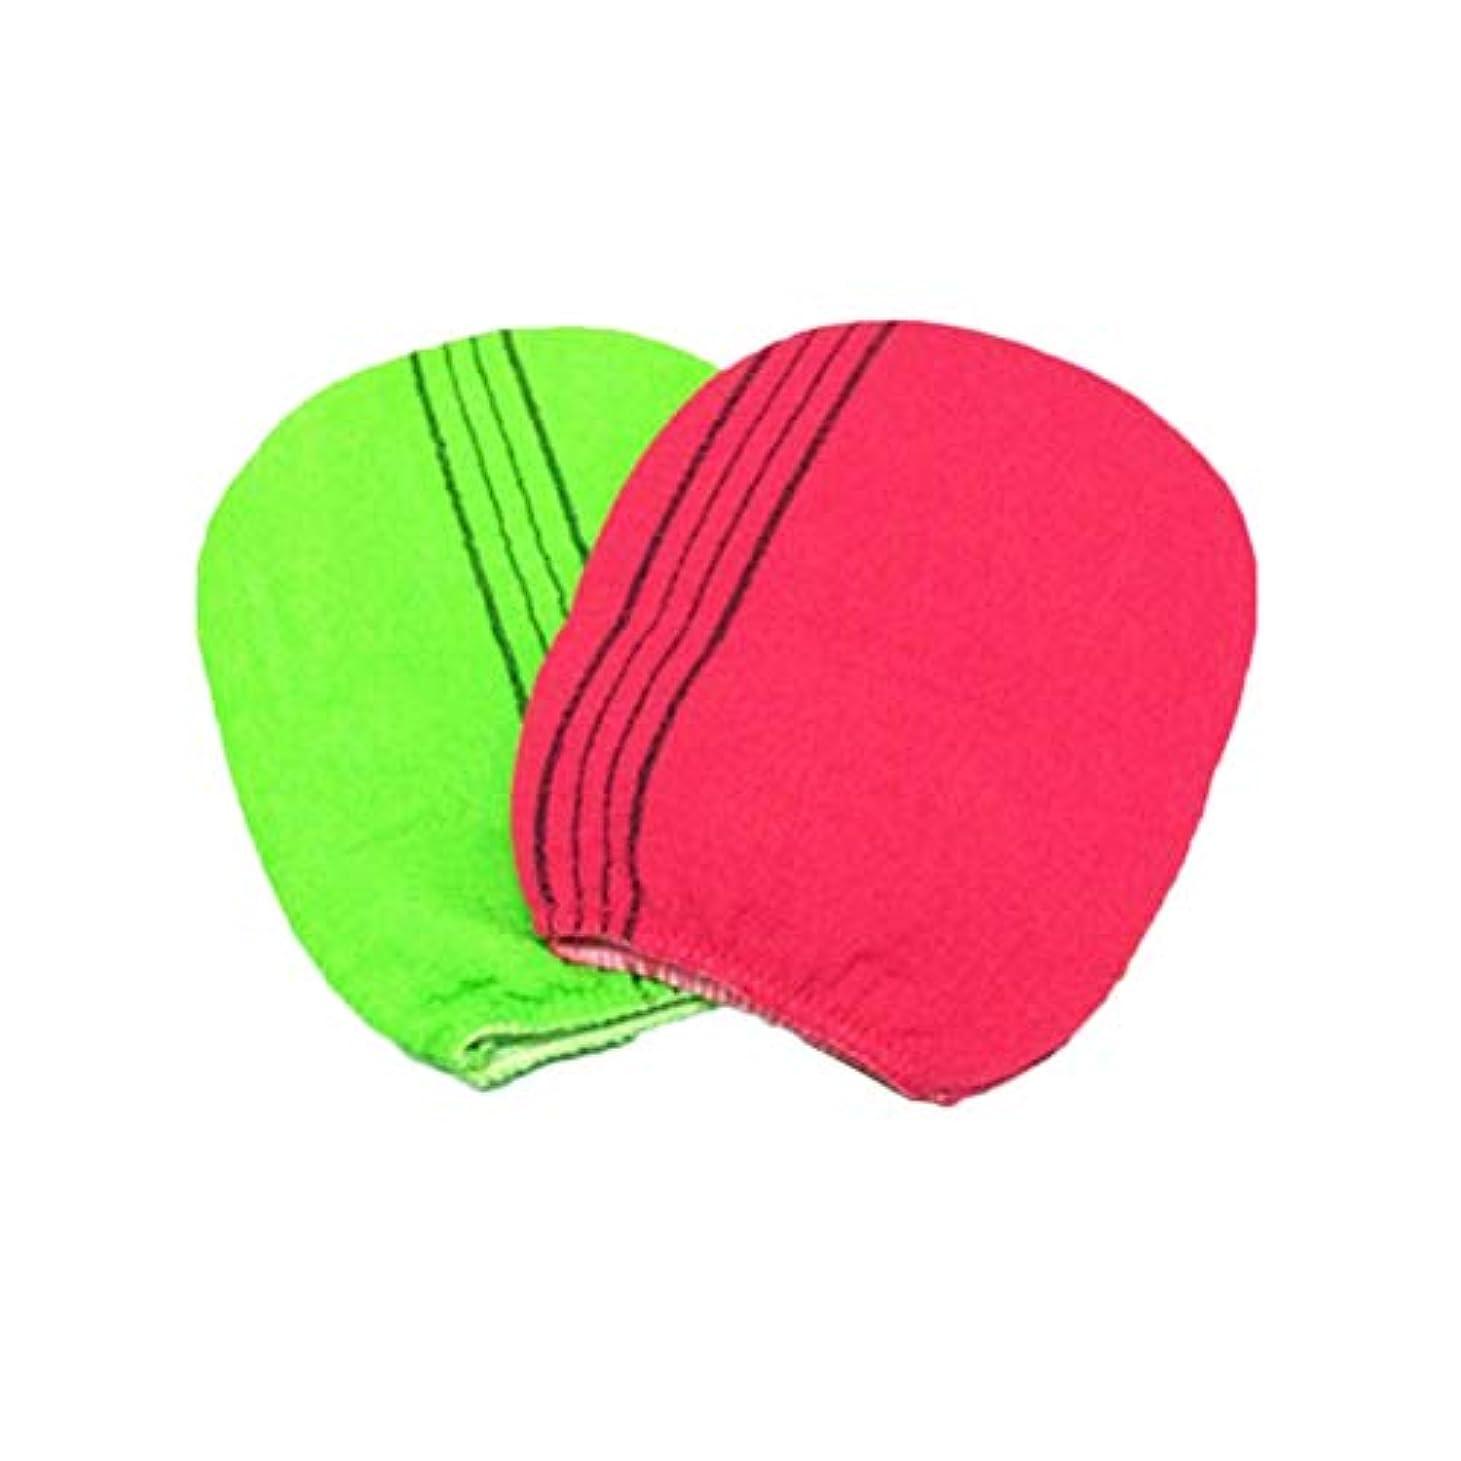 にに湿気の多いBeaupretty 2ピース入浴手袋風呂ミットラビング手袋剥離手袋シャワーバスタオル(ランダムカラー)